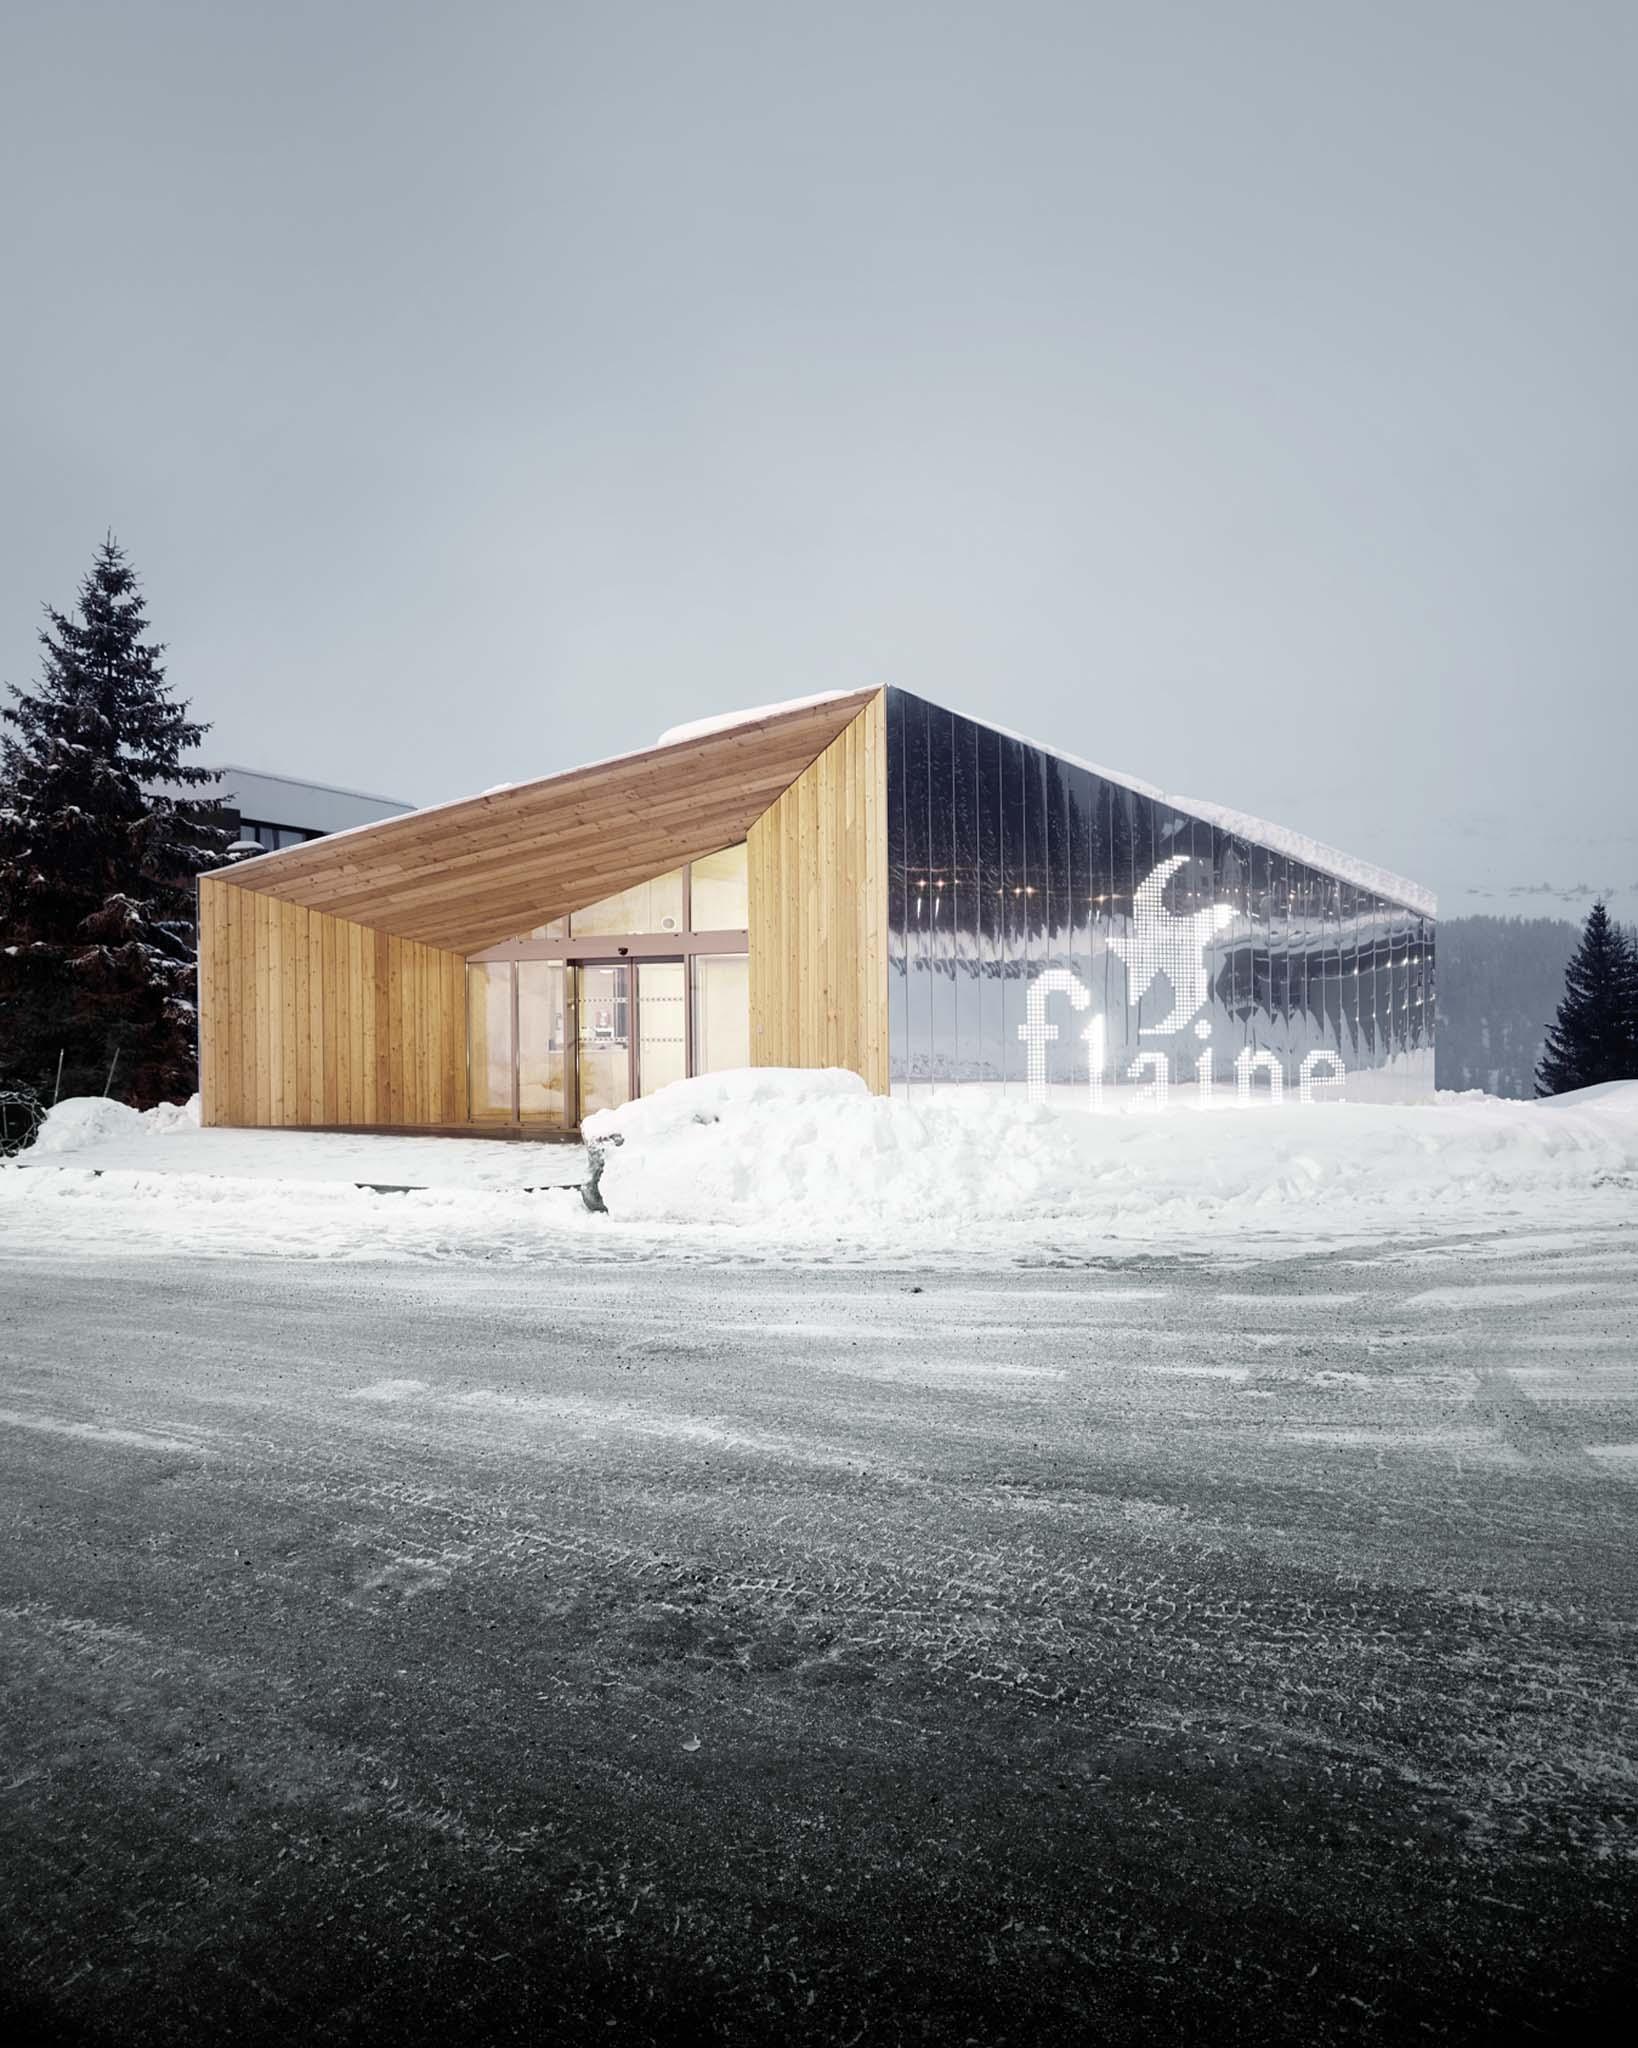 pavillon d 39 accueil r architecture nomin pour le prix de la premi re uvre 2014. Black Bedroom Furniture Sets. Home Design Ideas